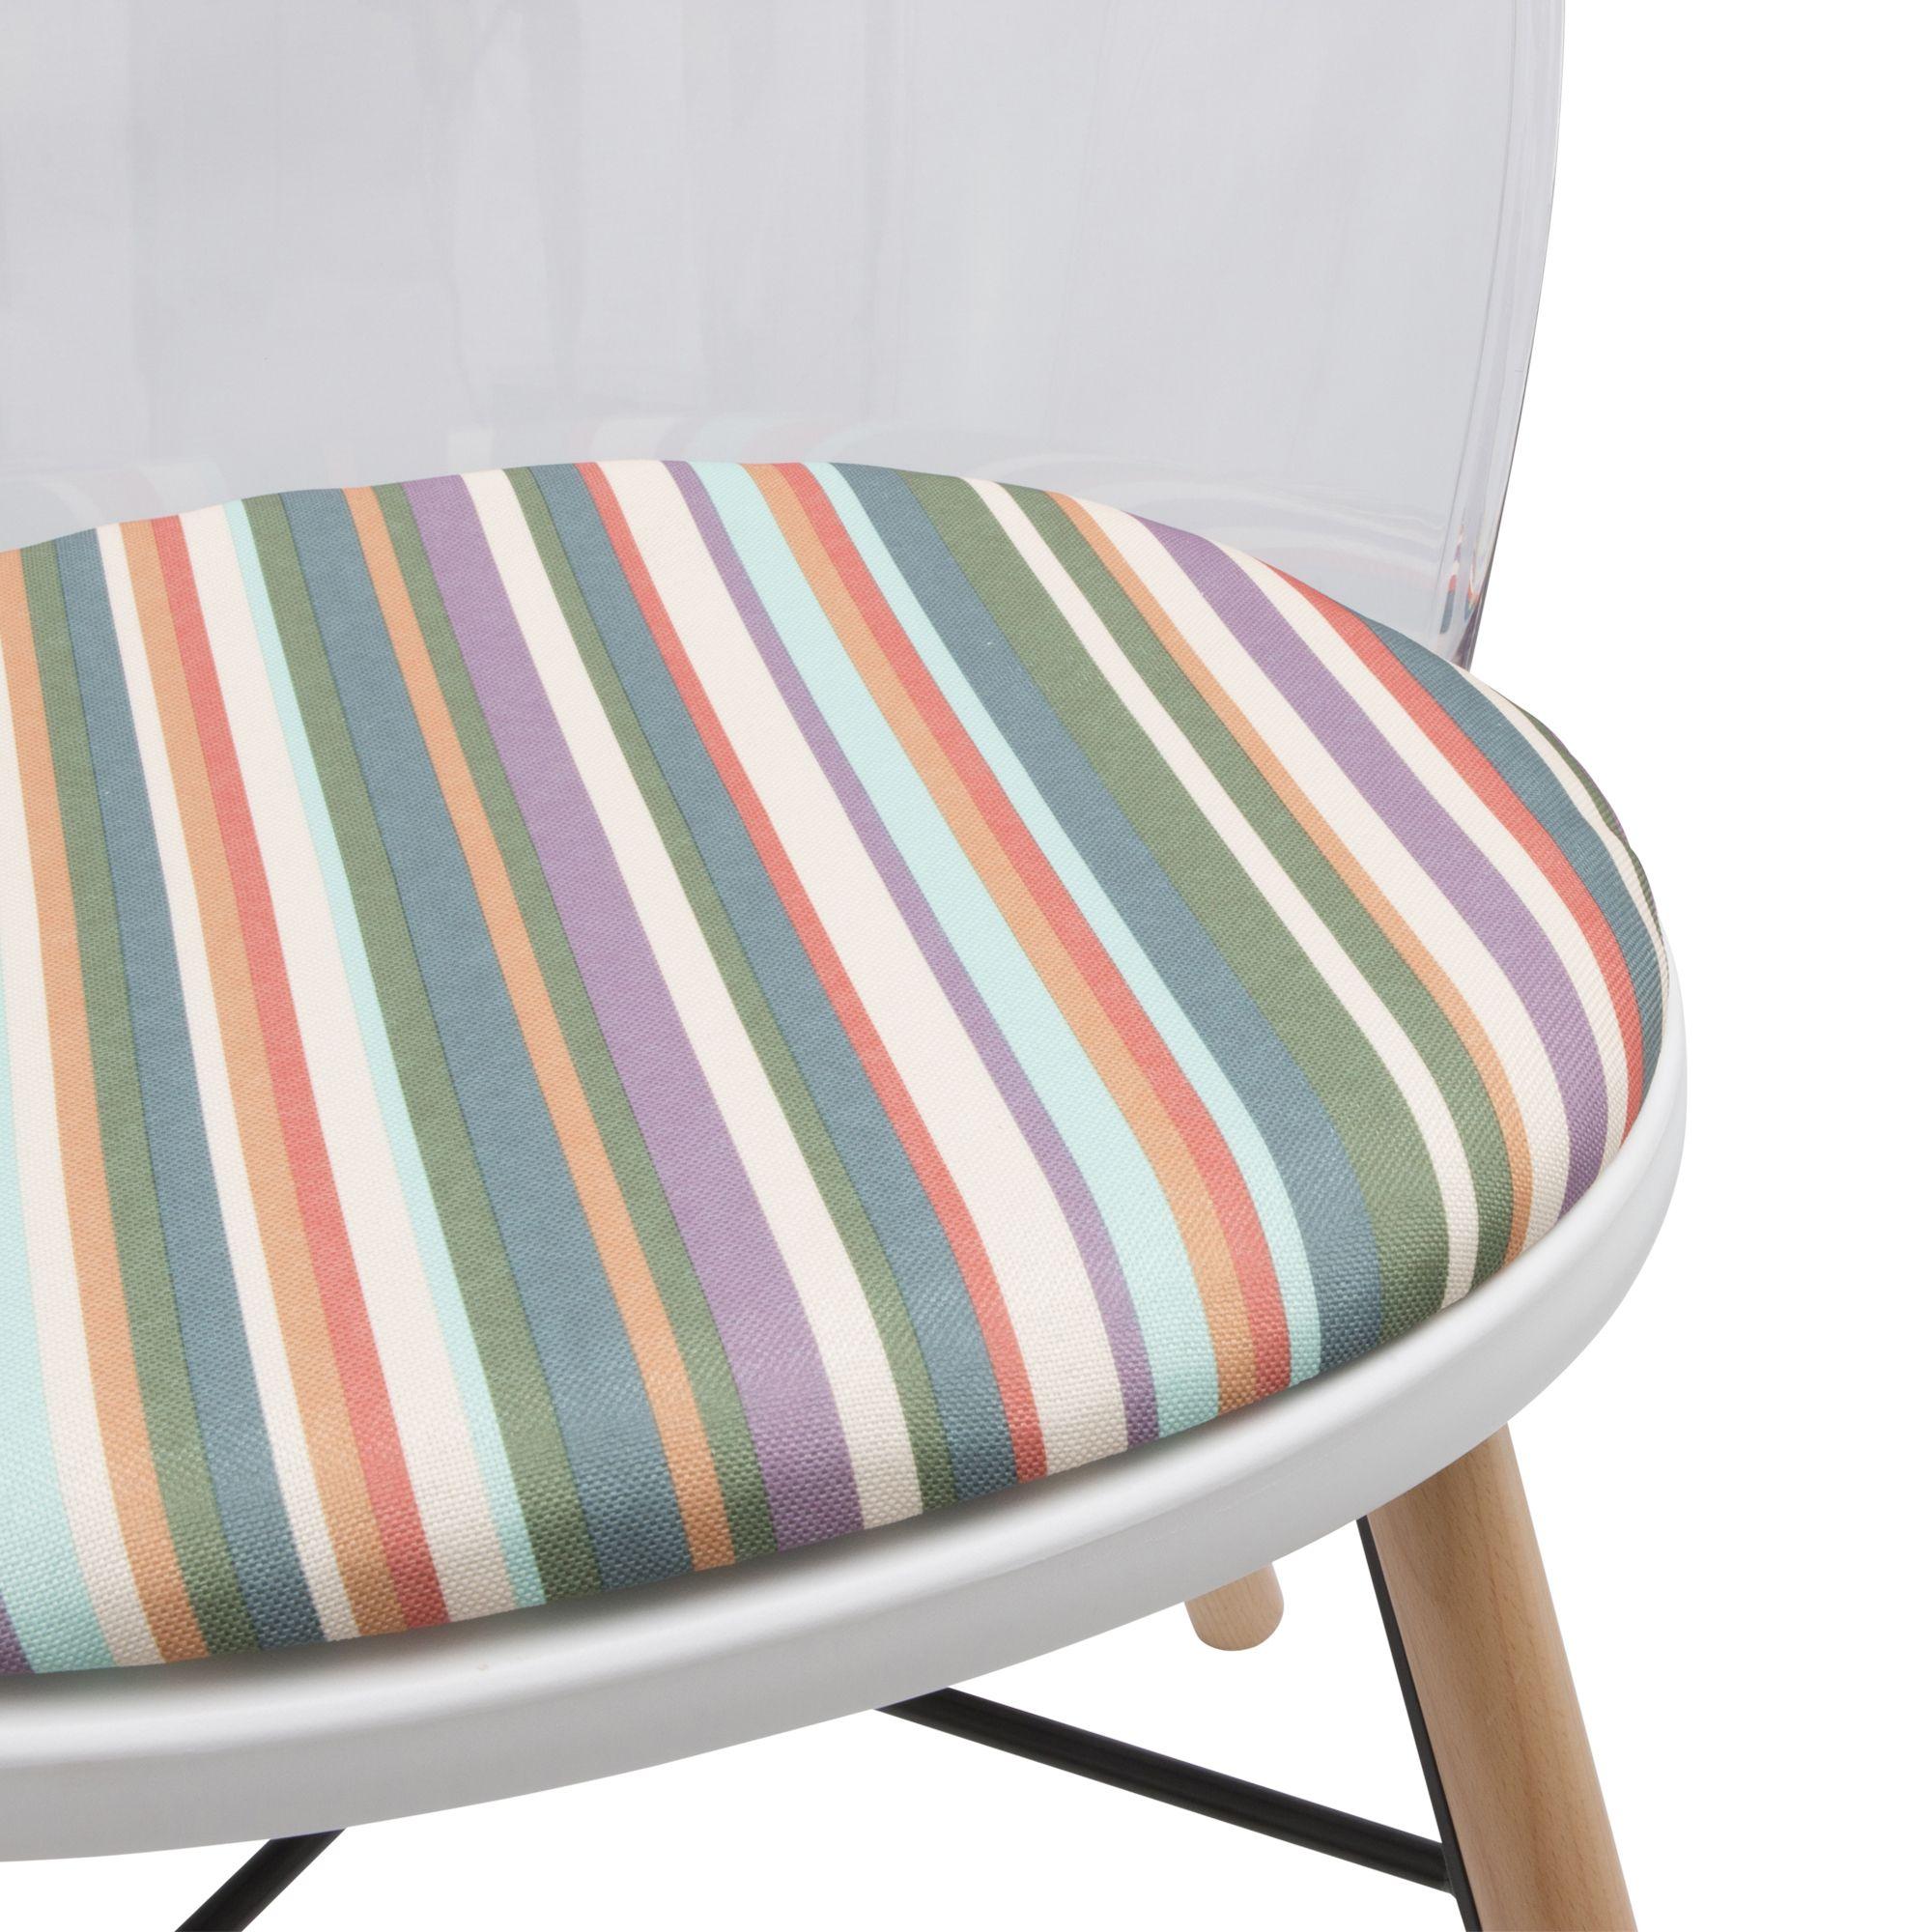 Full Size of Stuhl Für Schlafzimmer Sessel Wiemann Landhausstil Regal Set Günstig Schranksysteme Deckenleuchte Modern Garten Schaukelstuhl Schimmel Im Truhe Schlafzimmer Stuhl Für Schlafzimmer